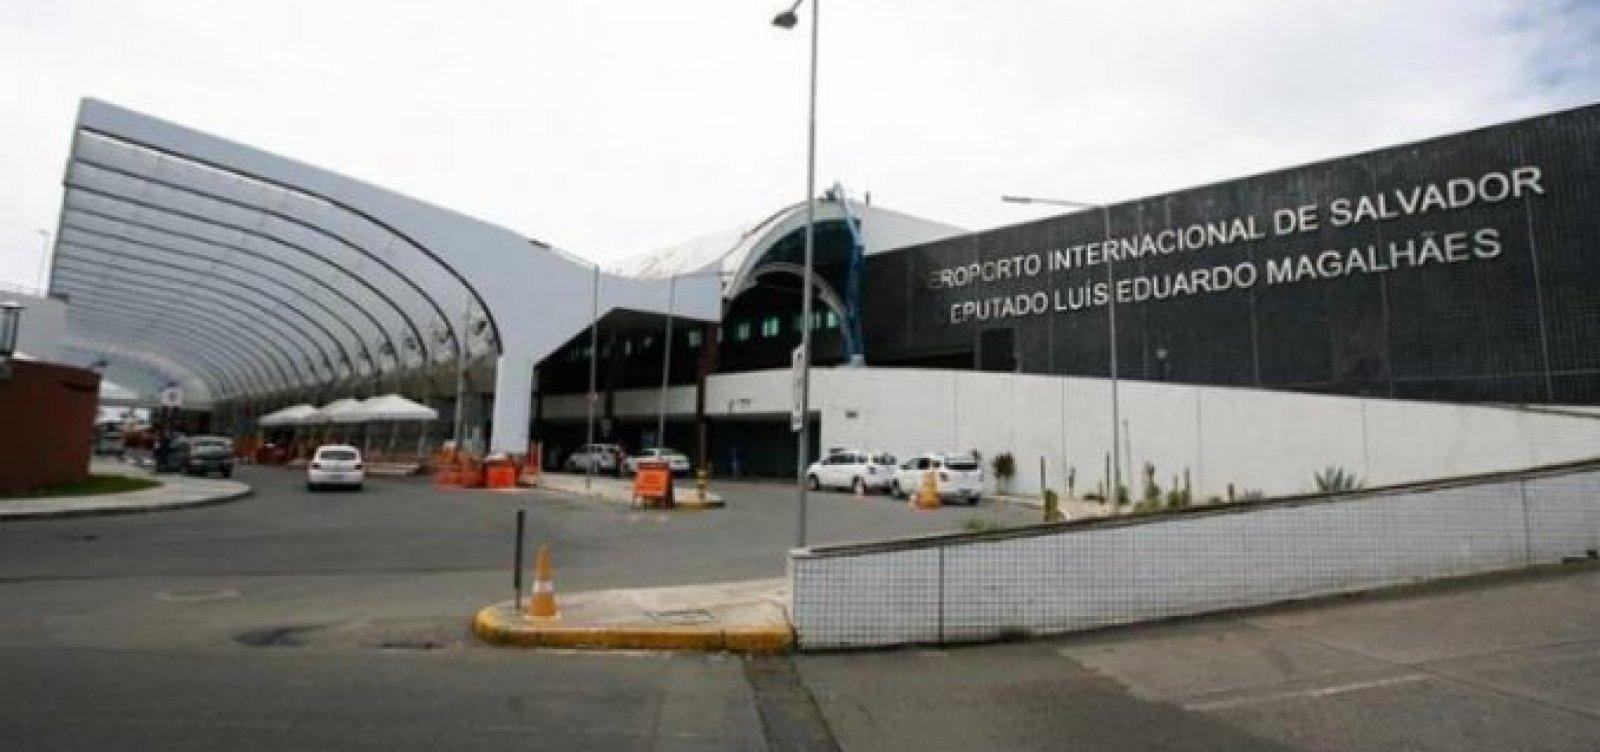 Pista principal do aeroporto é liberada após mais de 9h de interdição